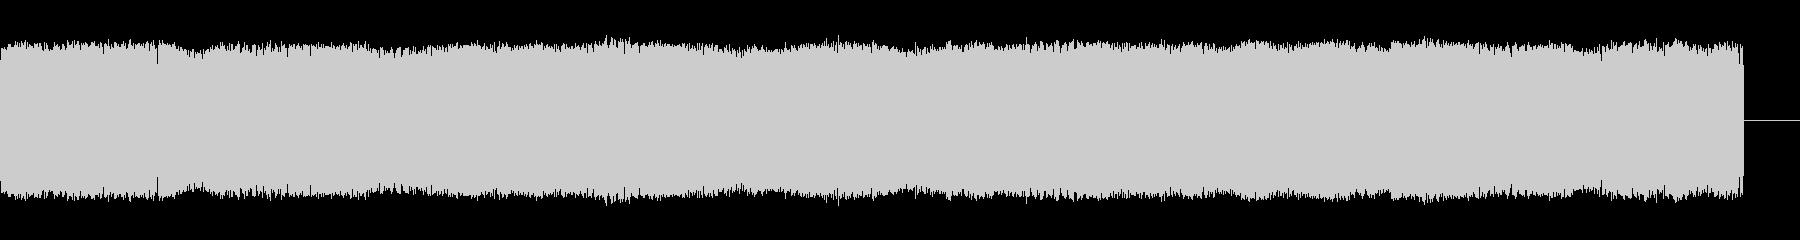 テレメトリー;ぐらついたパルスデー...の未再生の波形